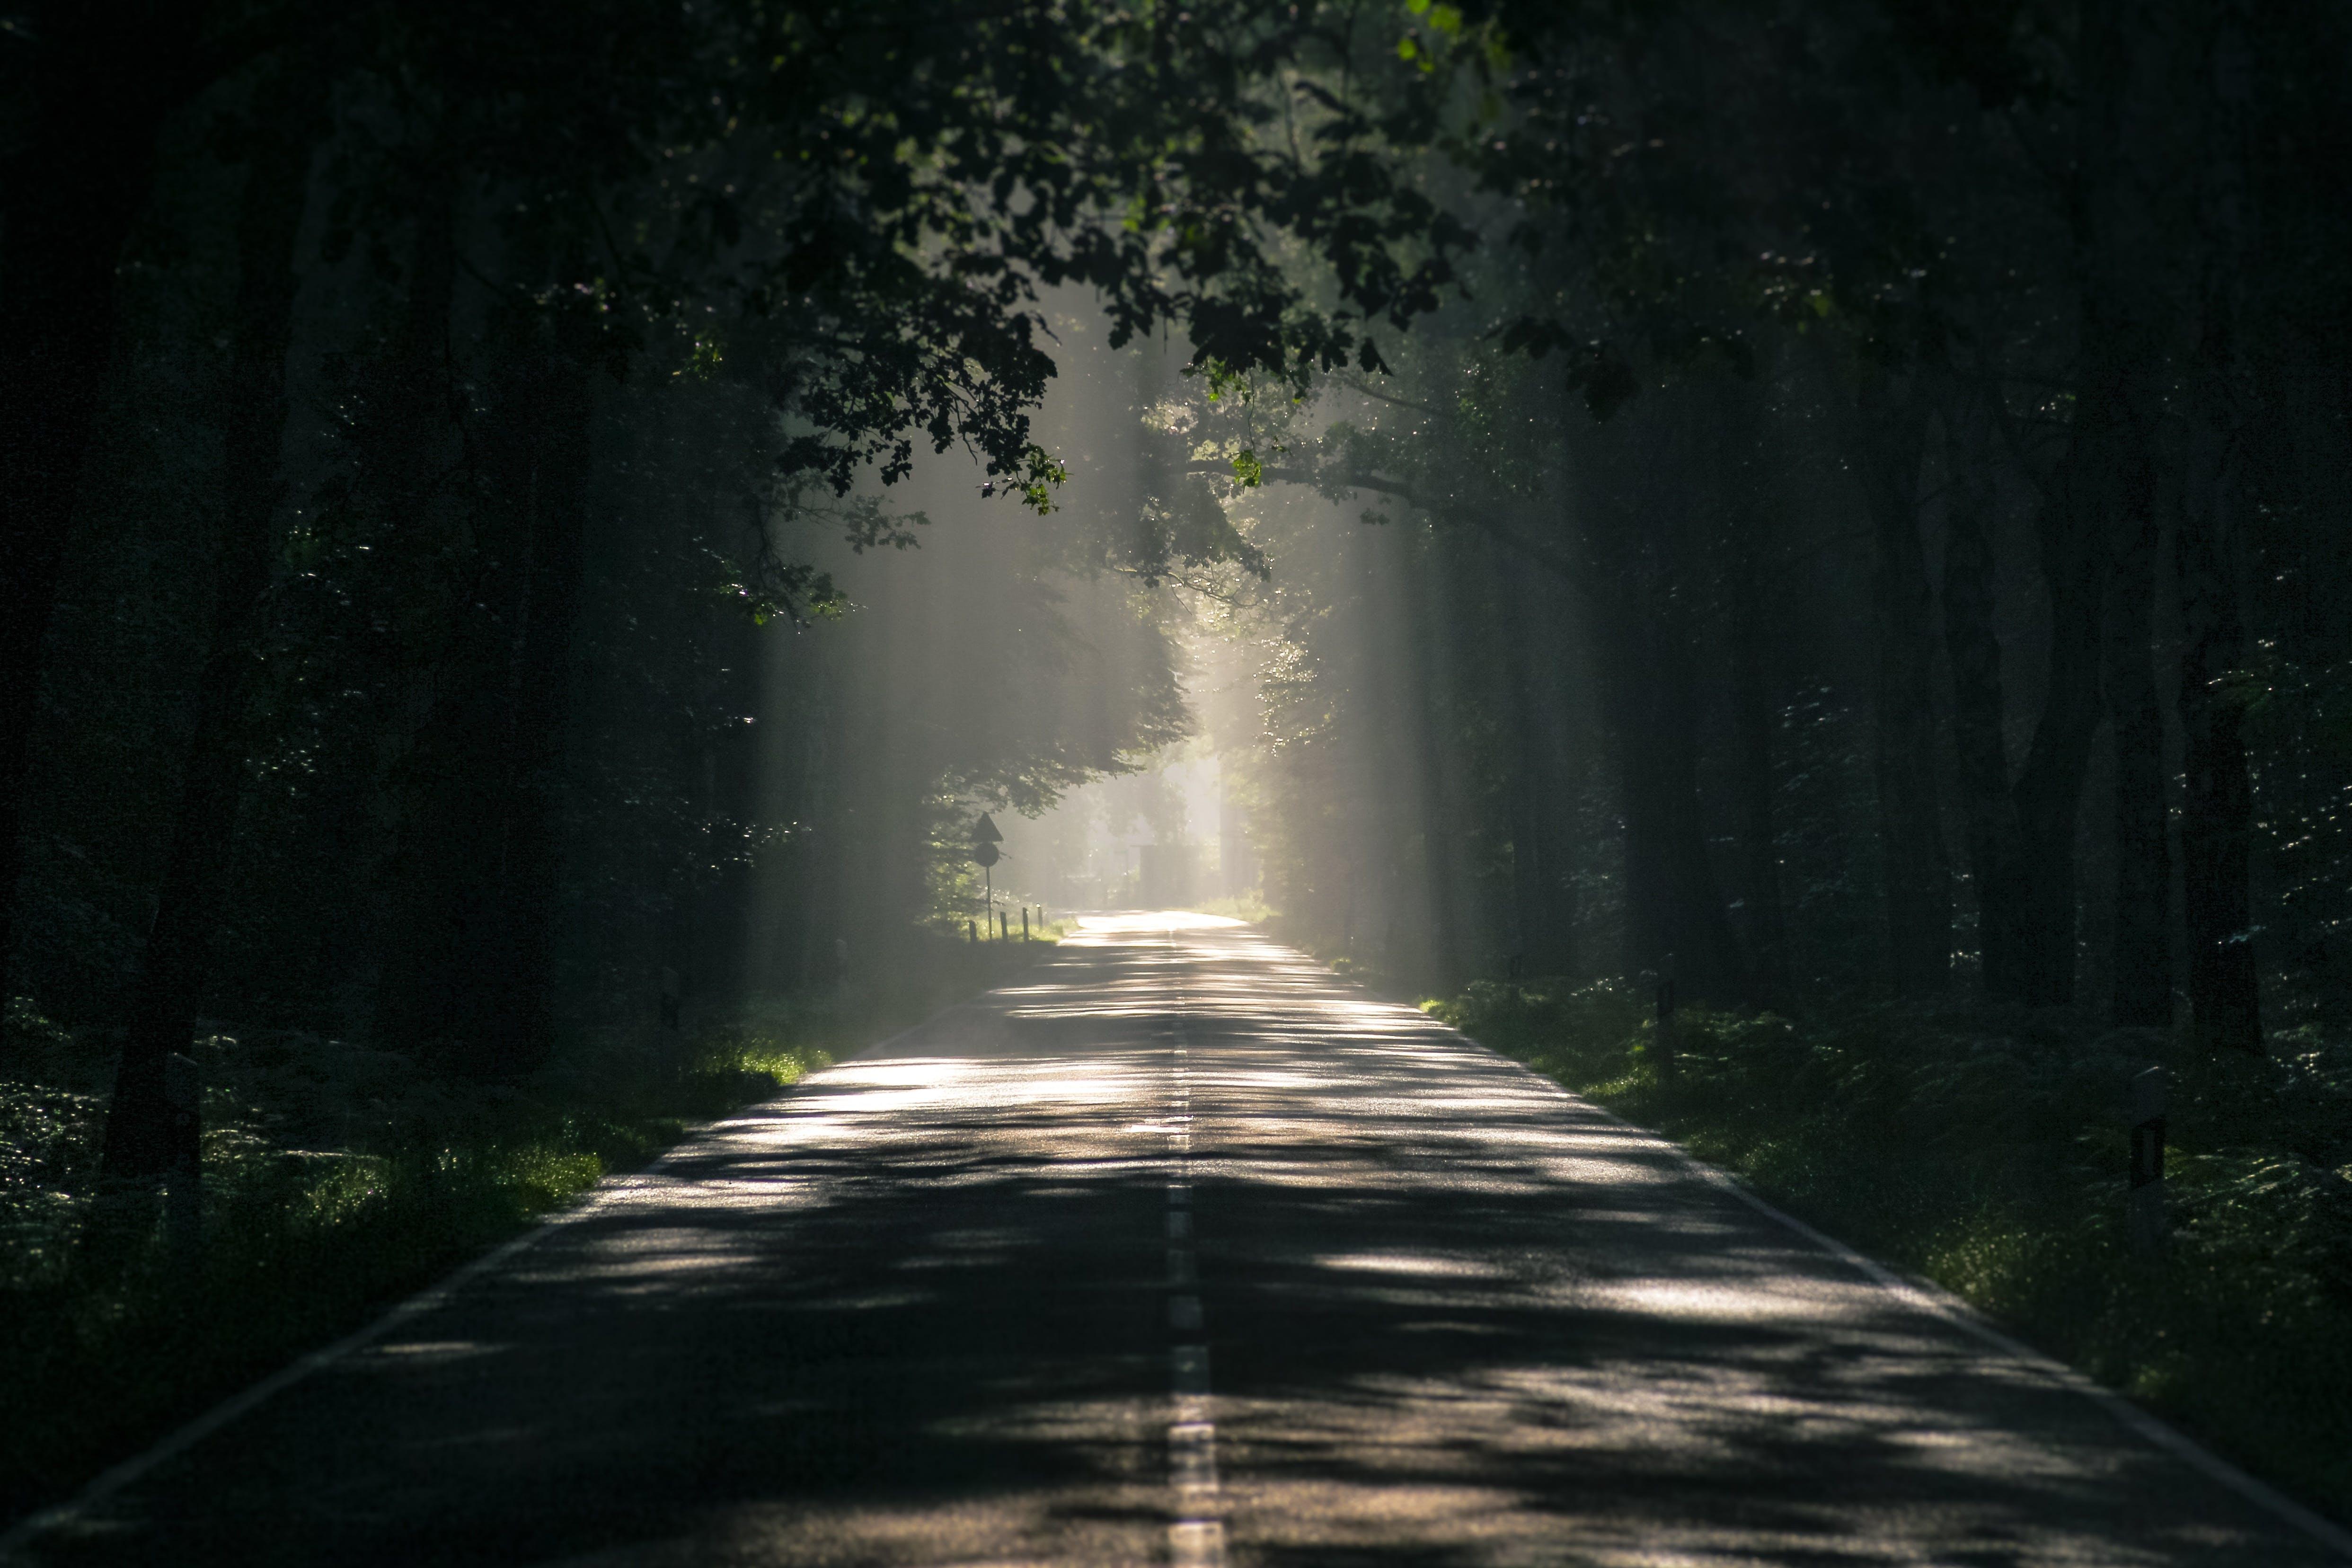 Kostenloses Stock Foto zu asphalt, bäume, beratung, dämmerung